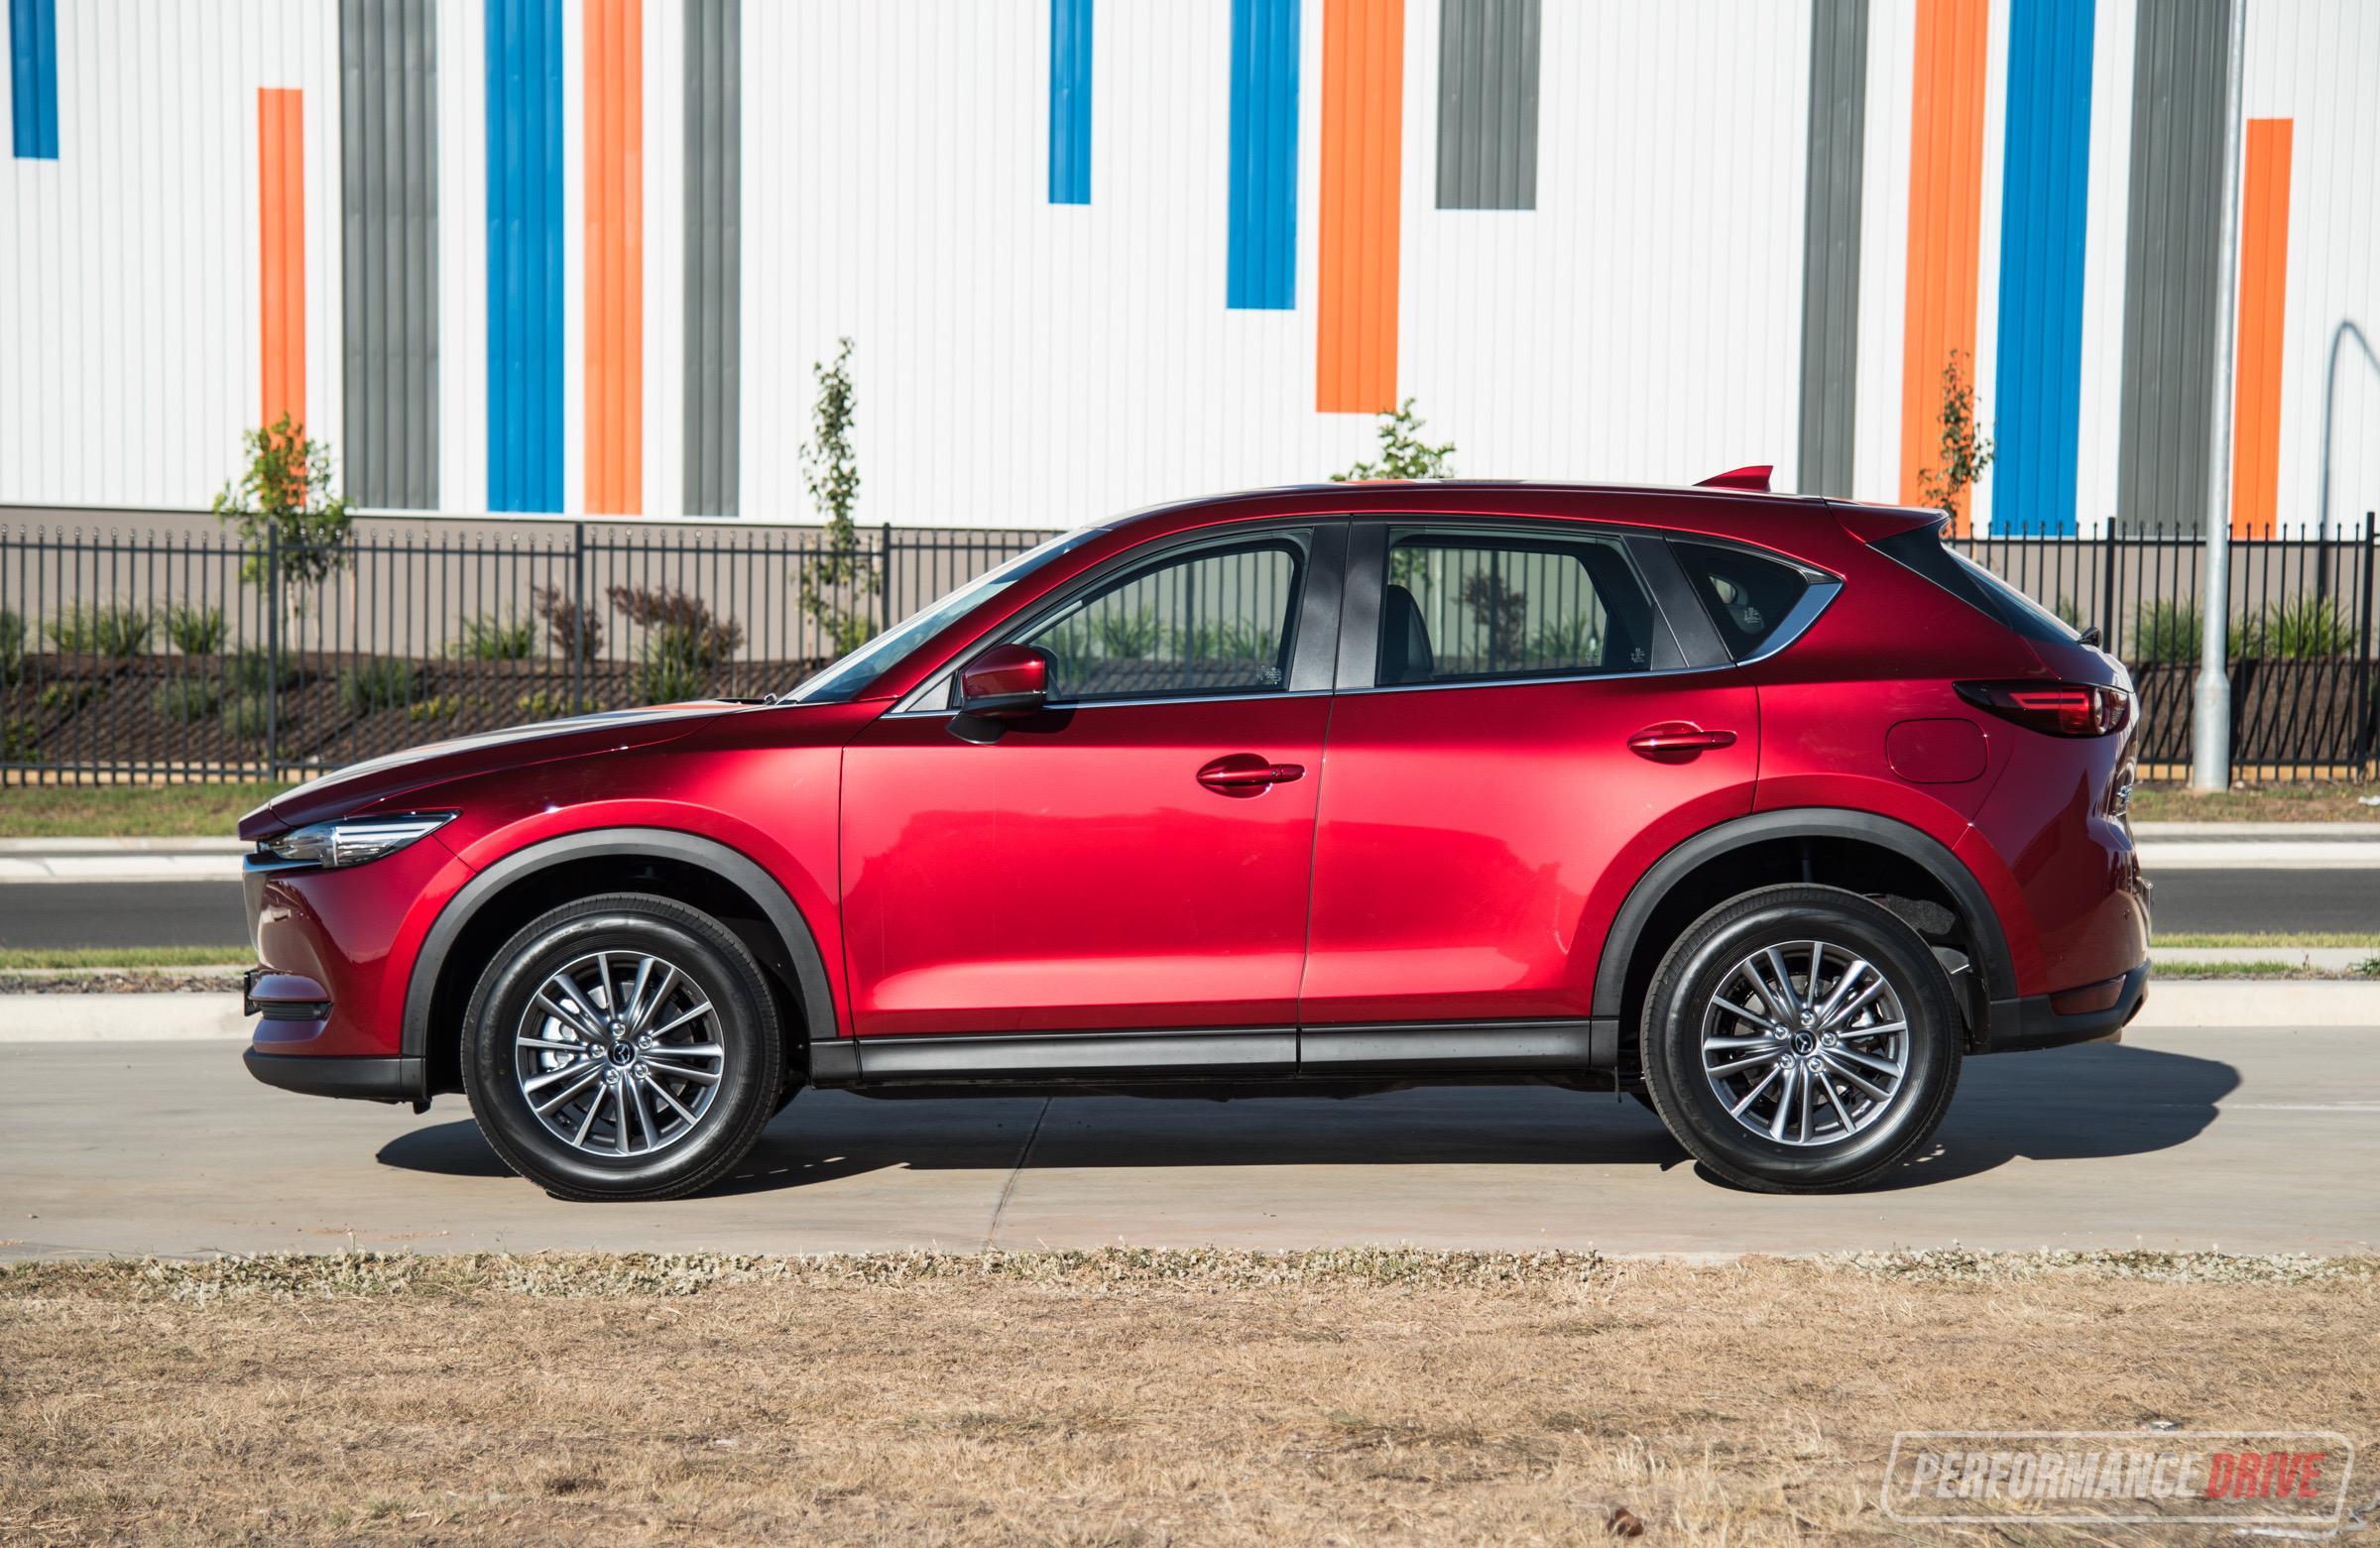 2018 Mazda CX-5 Diesel Review